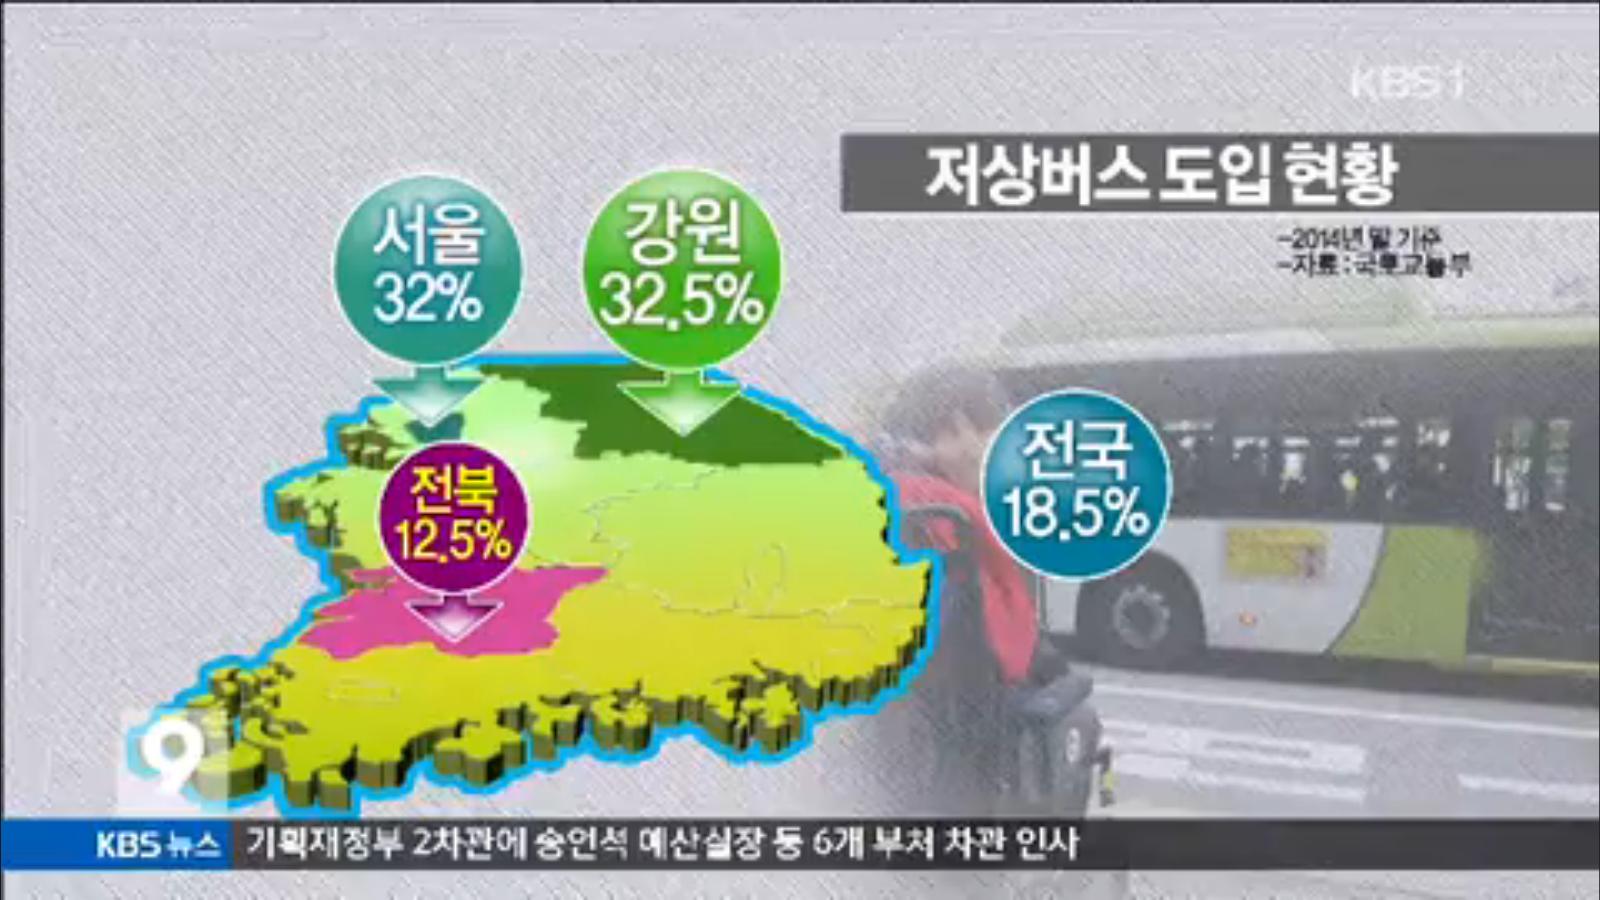 [15.10.19 KBS전주] 전북도 저상버스 태부족, 전국 평균 이하2.png